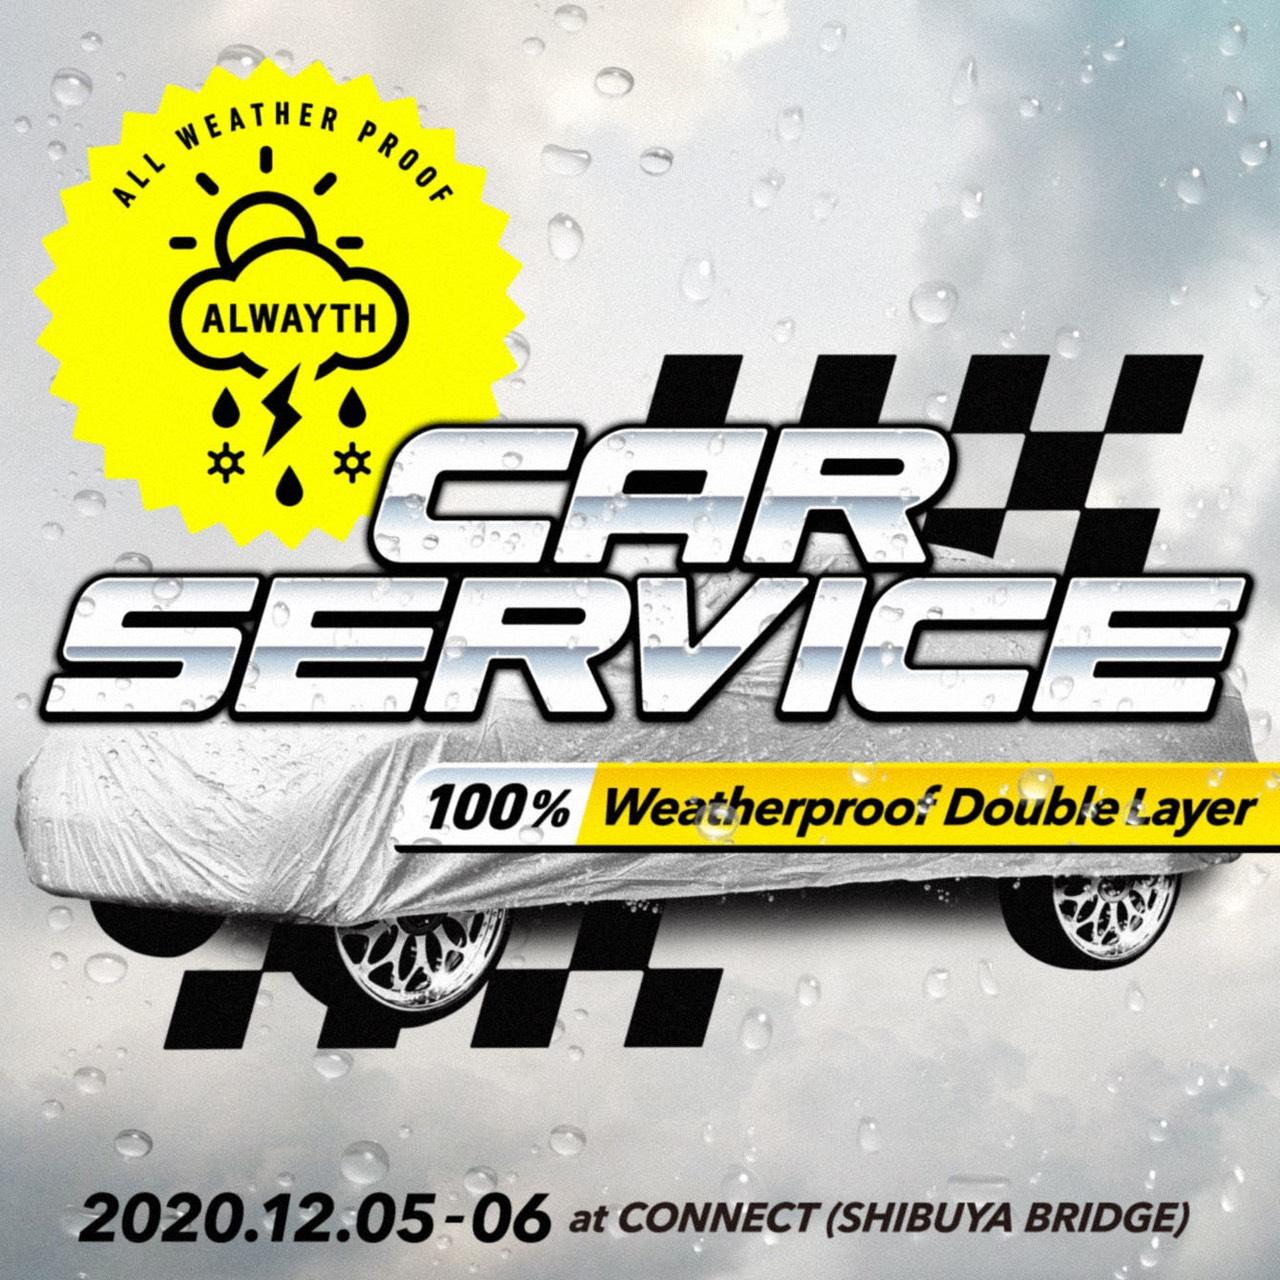 CarServiceがAlwaythと合同ポップアップを開催! カーカバーの素材を用いた限定アイテムも登場します。